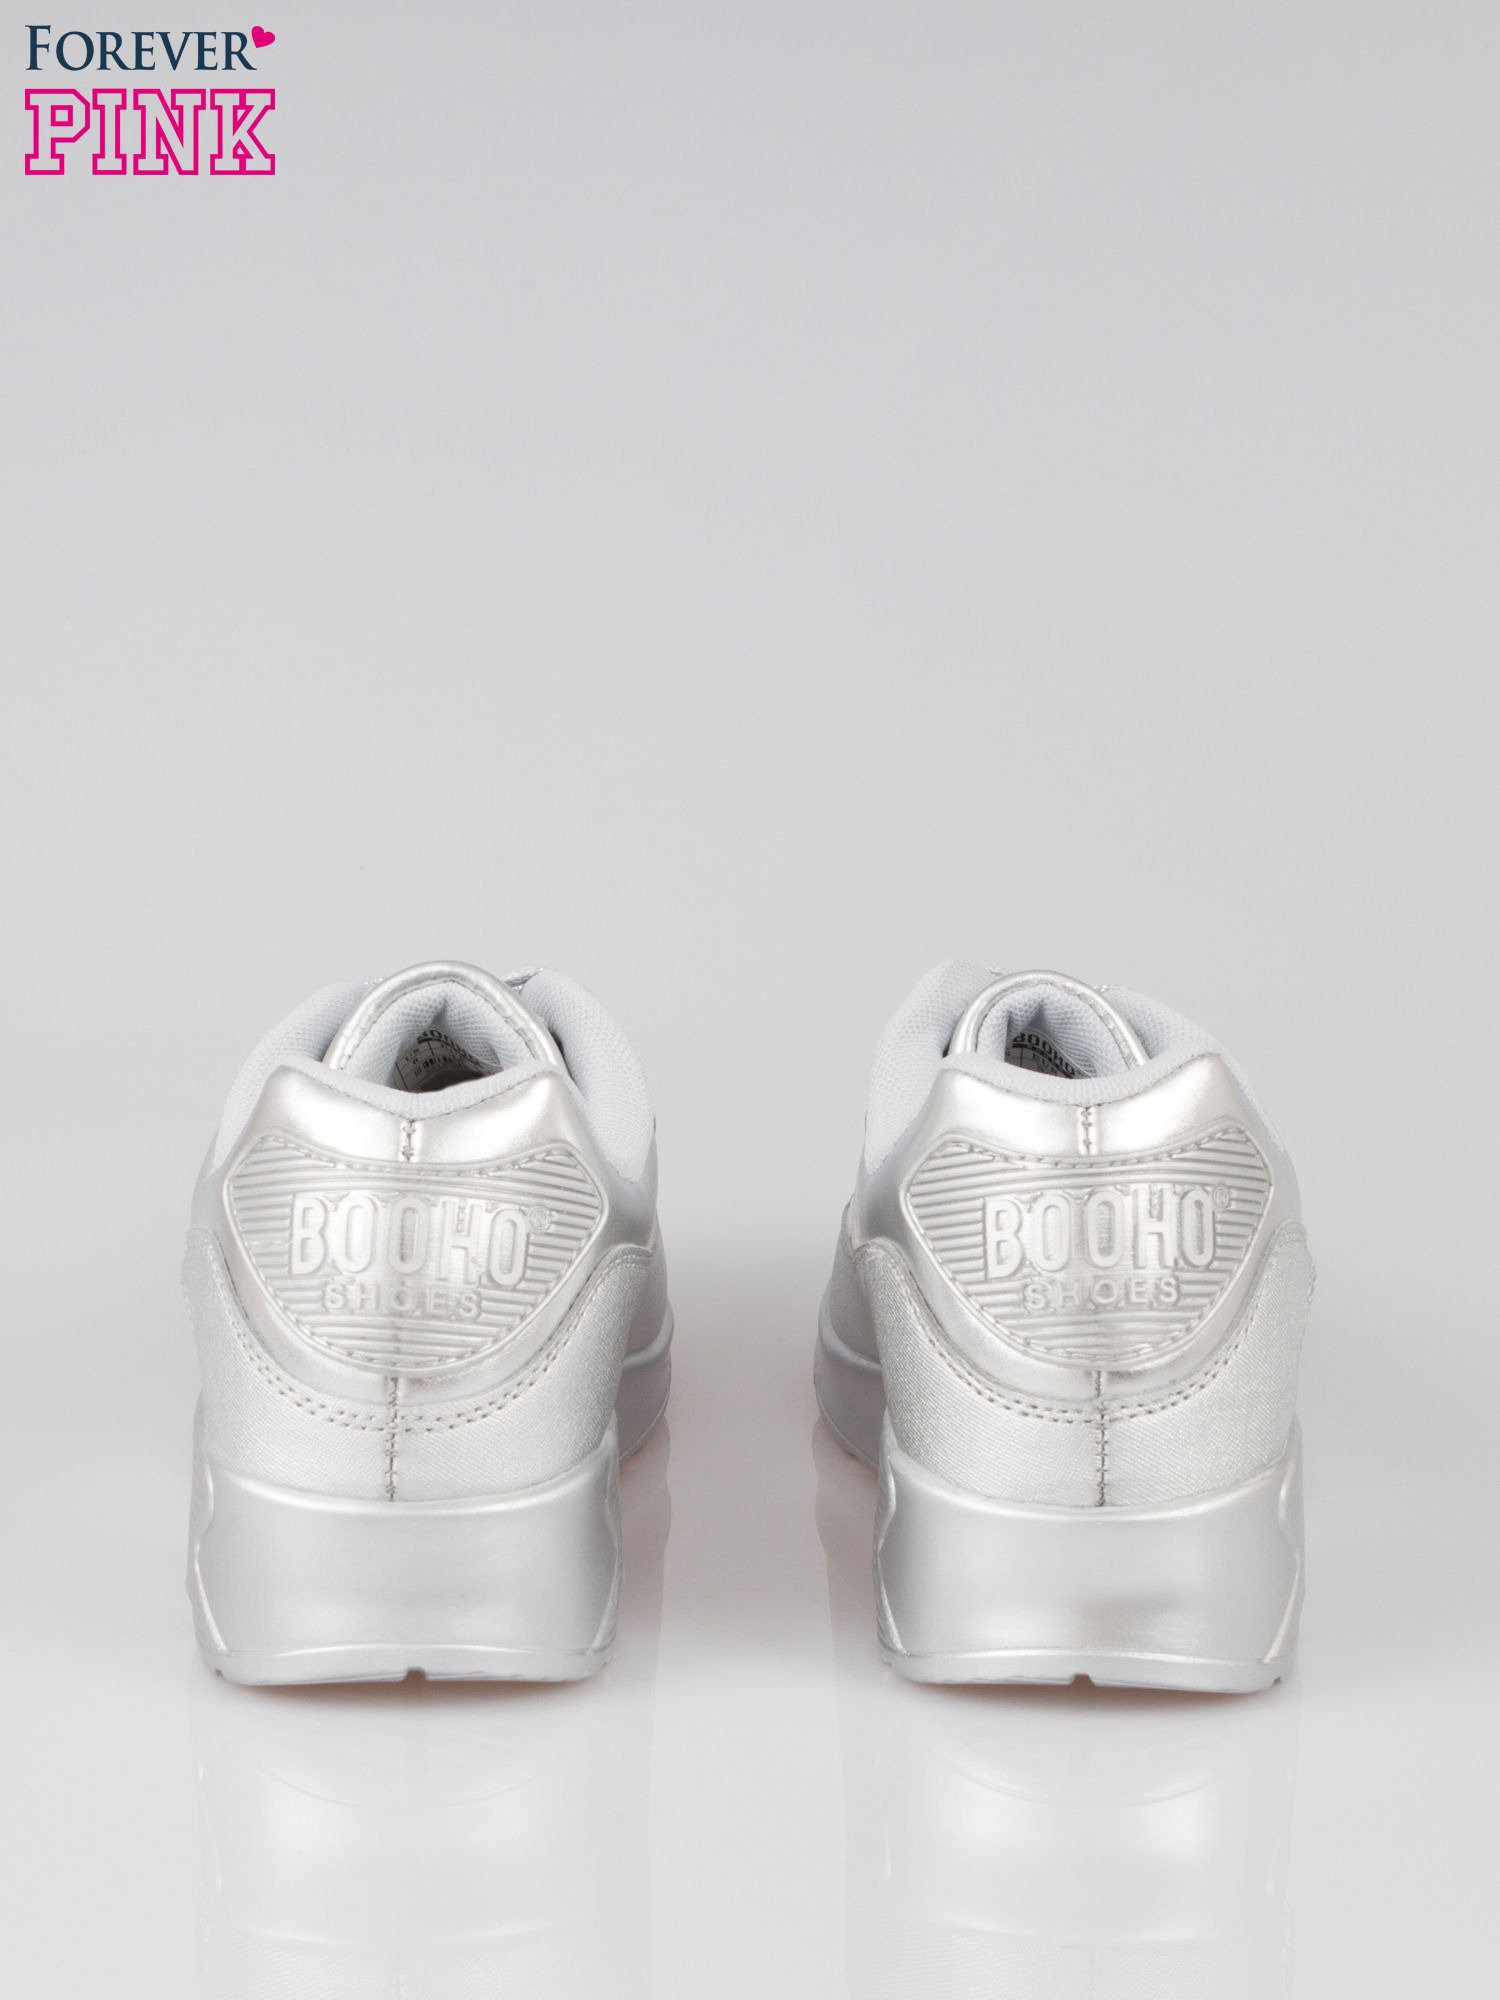 Srebrne buty sportowe faux leather Gigi z poduszką powietrzną w pięcie                                  zdj.                                  3